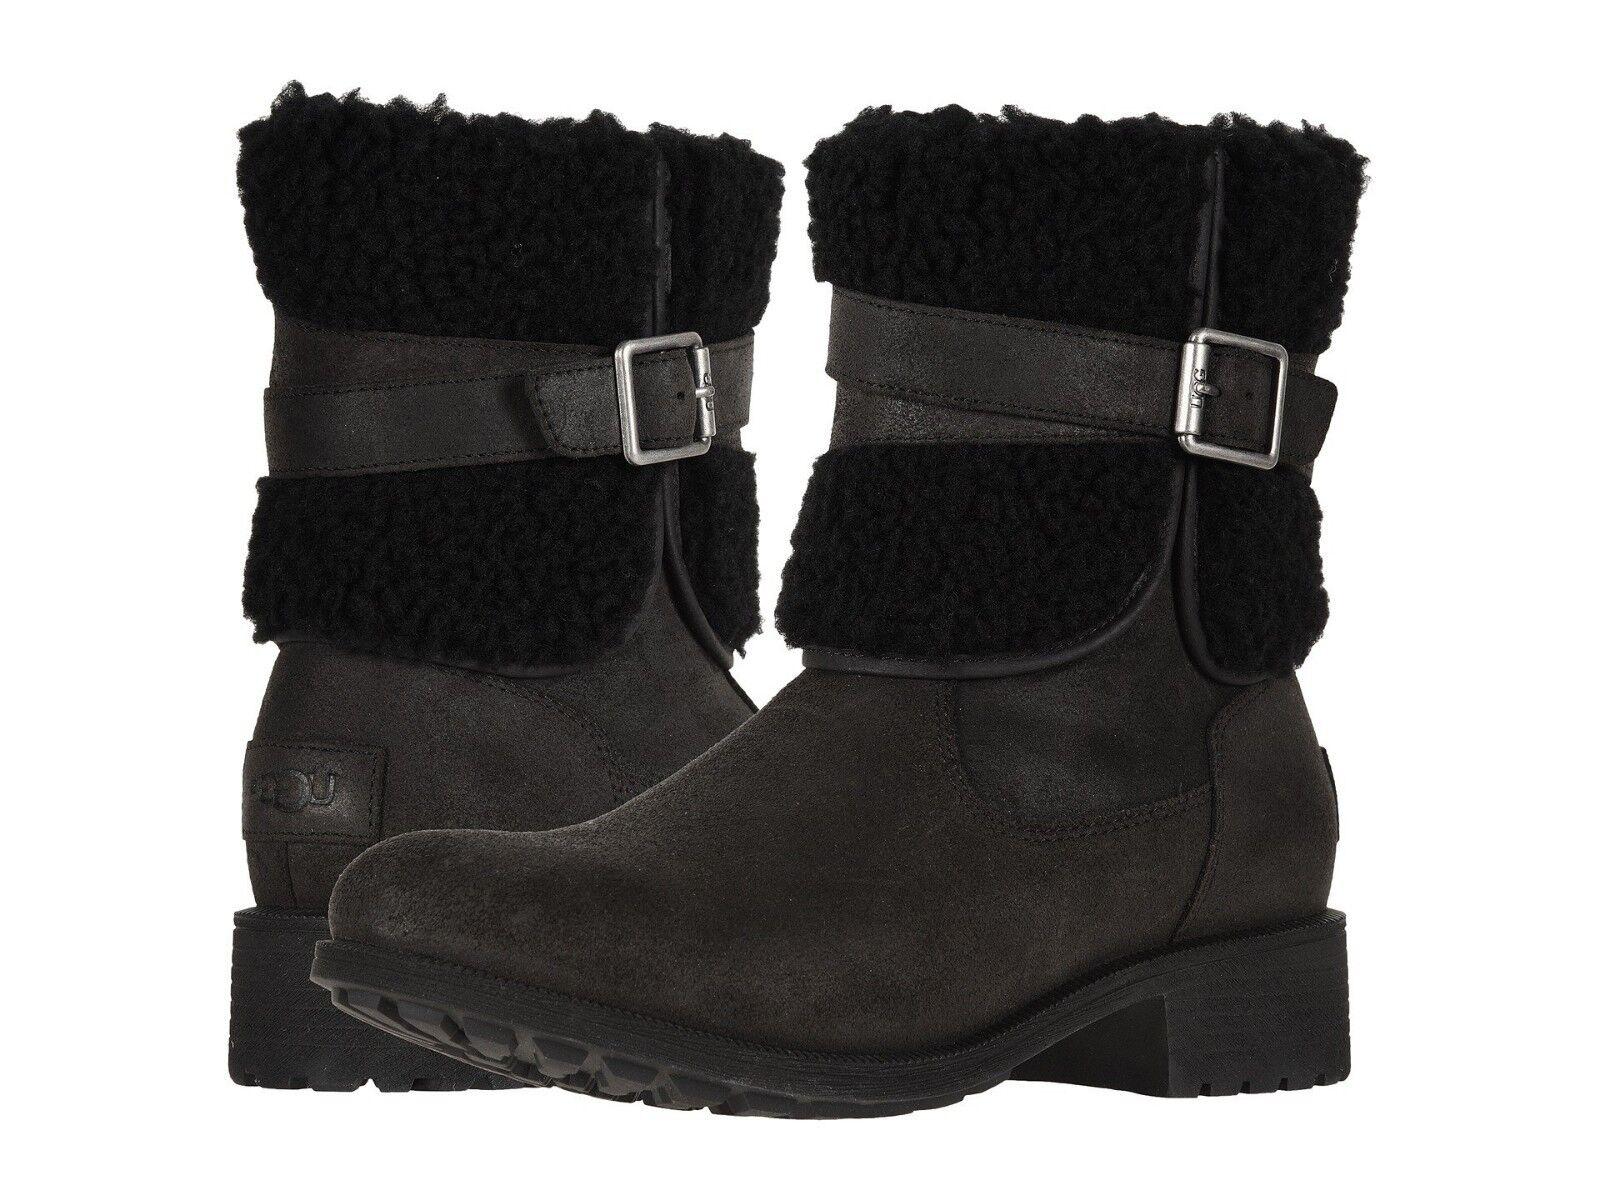 Zapatos para mujer Botas con cuello de piel de oveja UGG BLAYRE III 1095153 NEGRO * Nuevo *